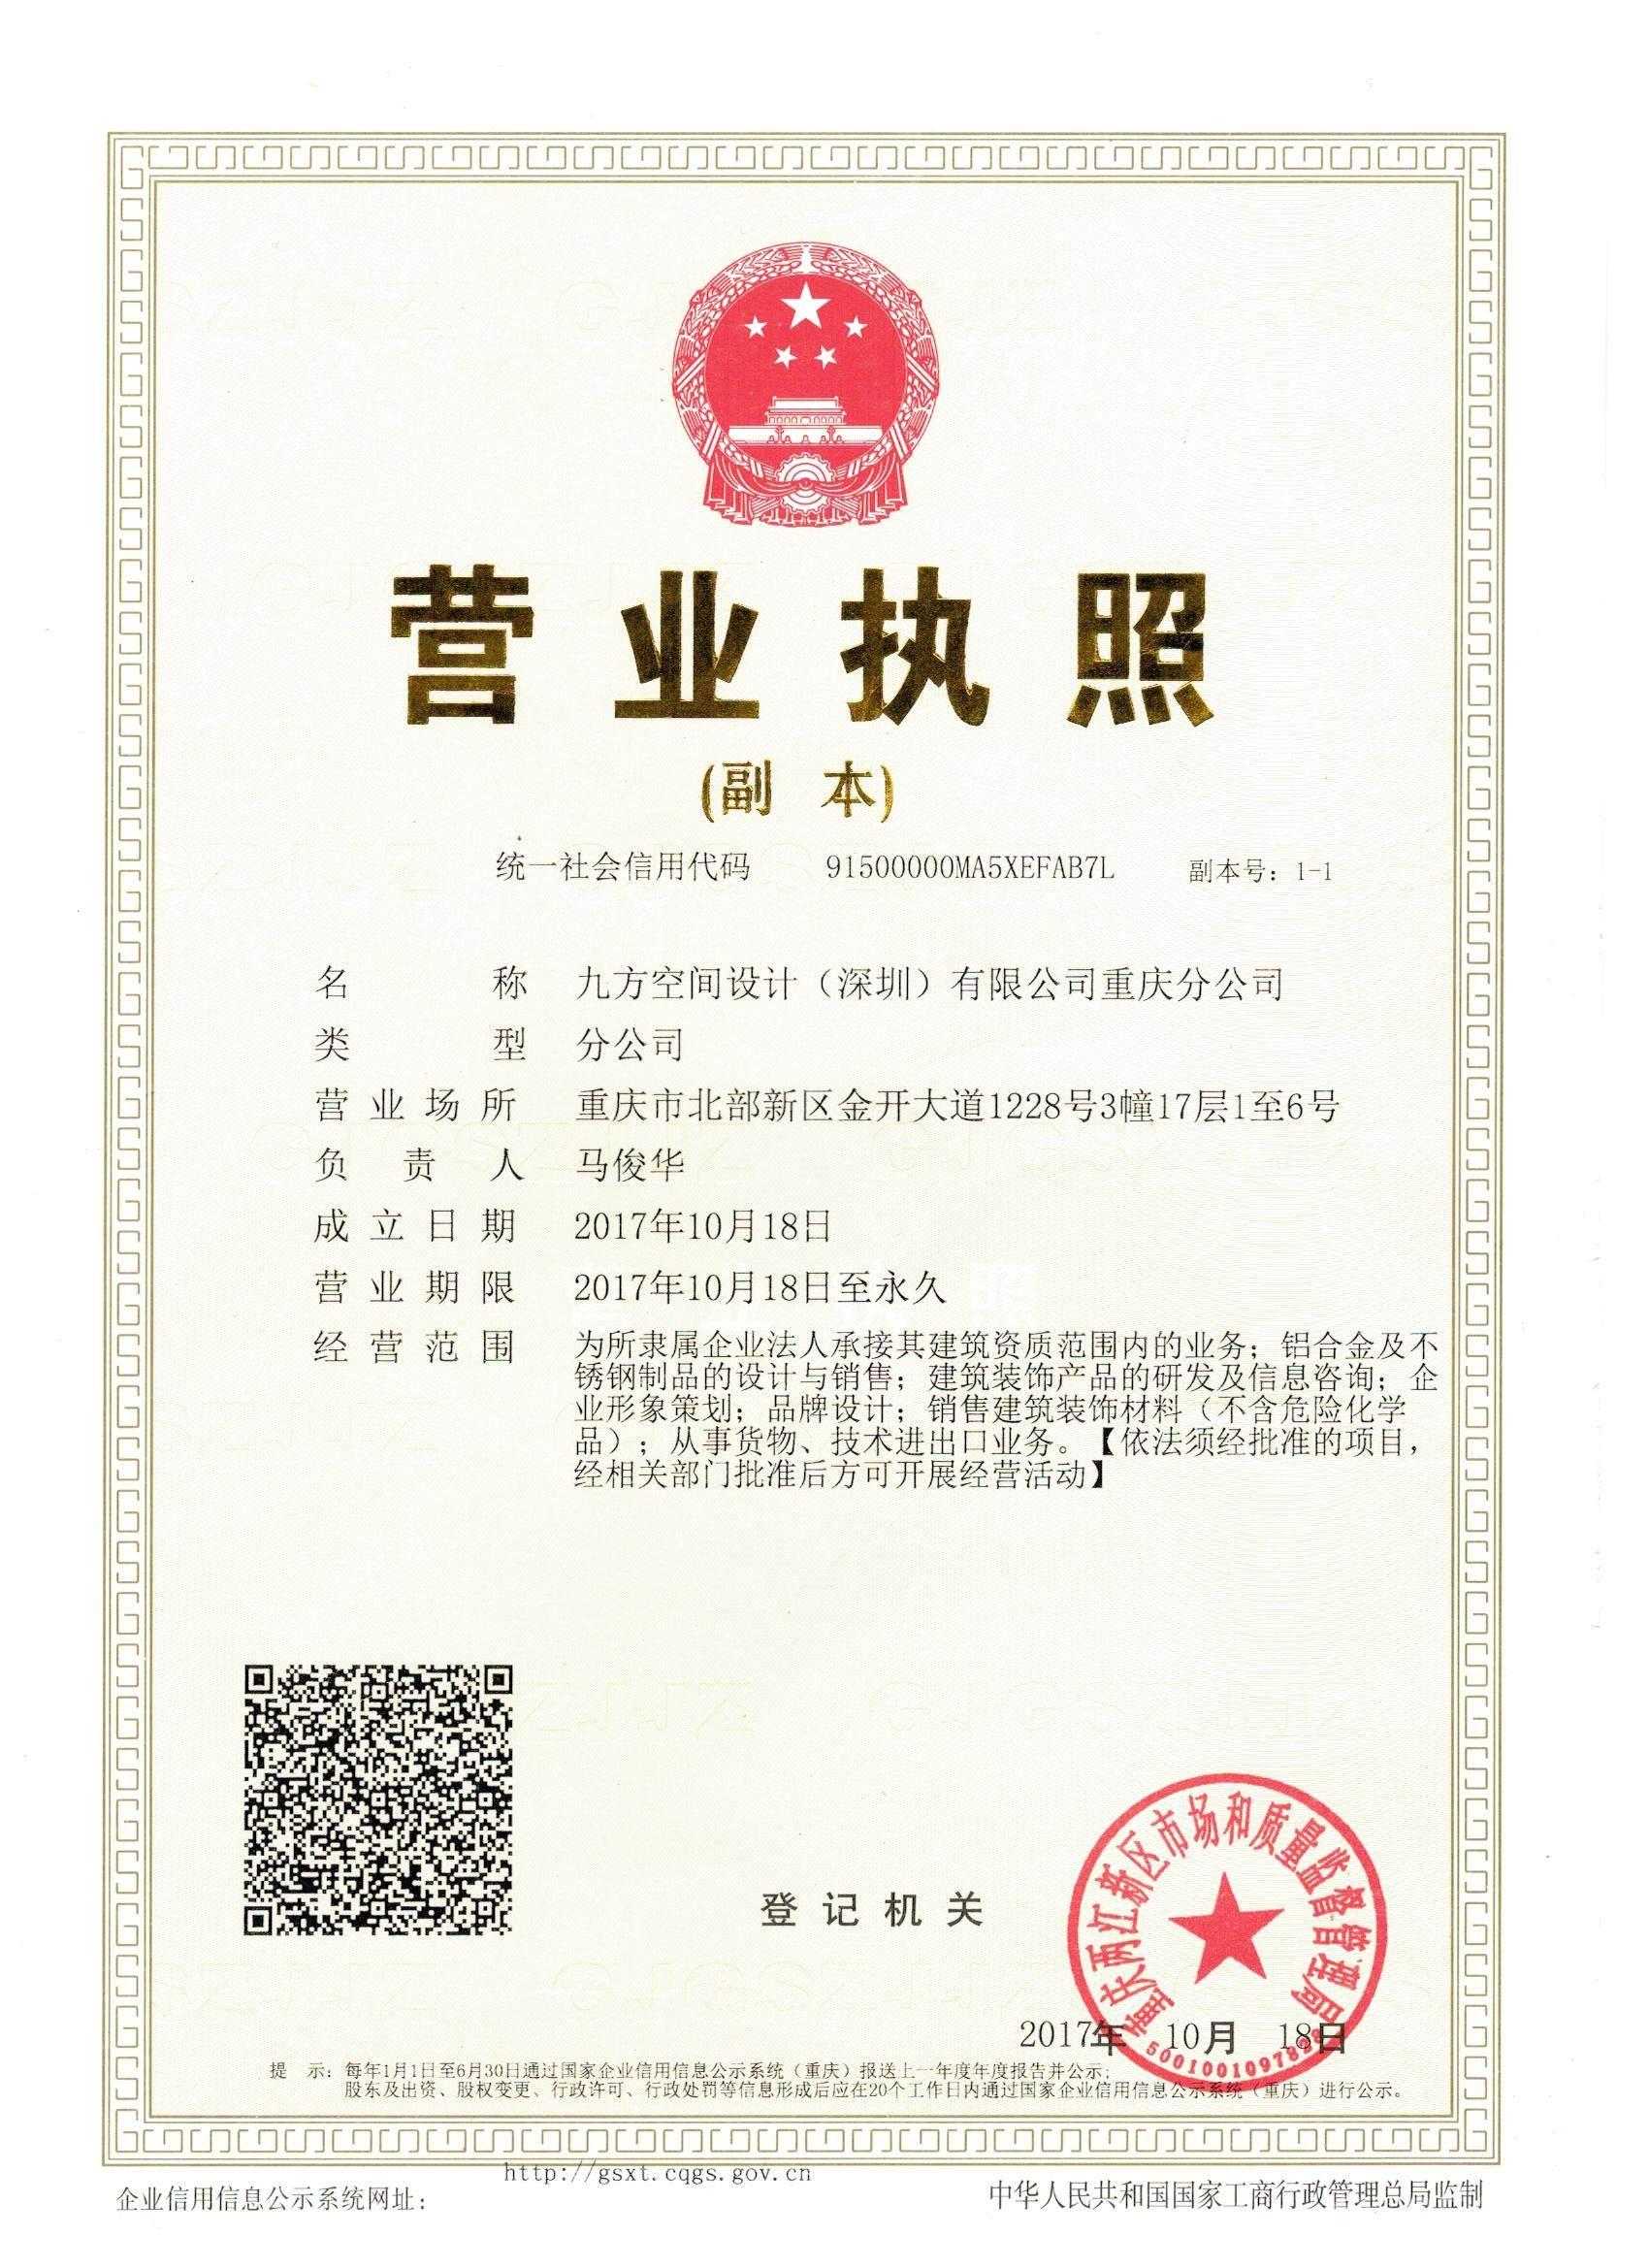 九方空间设计(深圳)有限公司重庆分公司